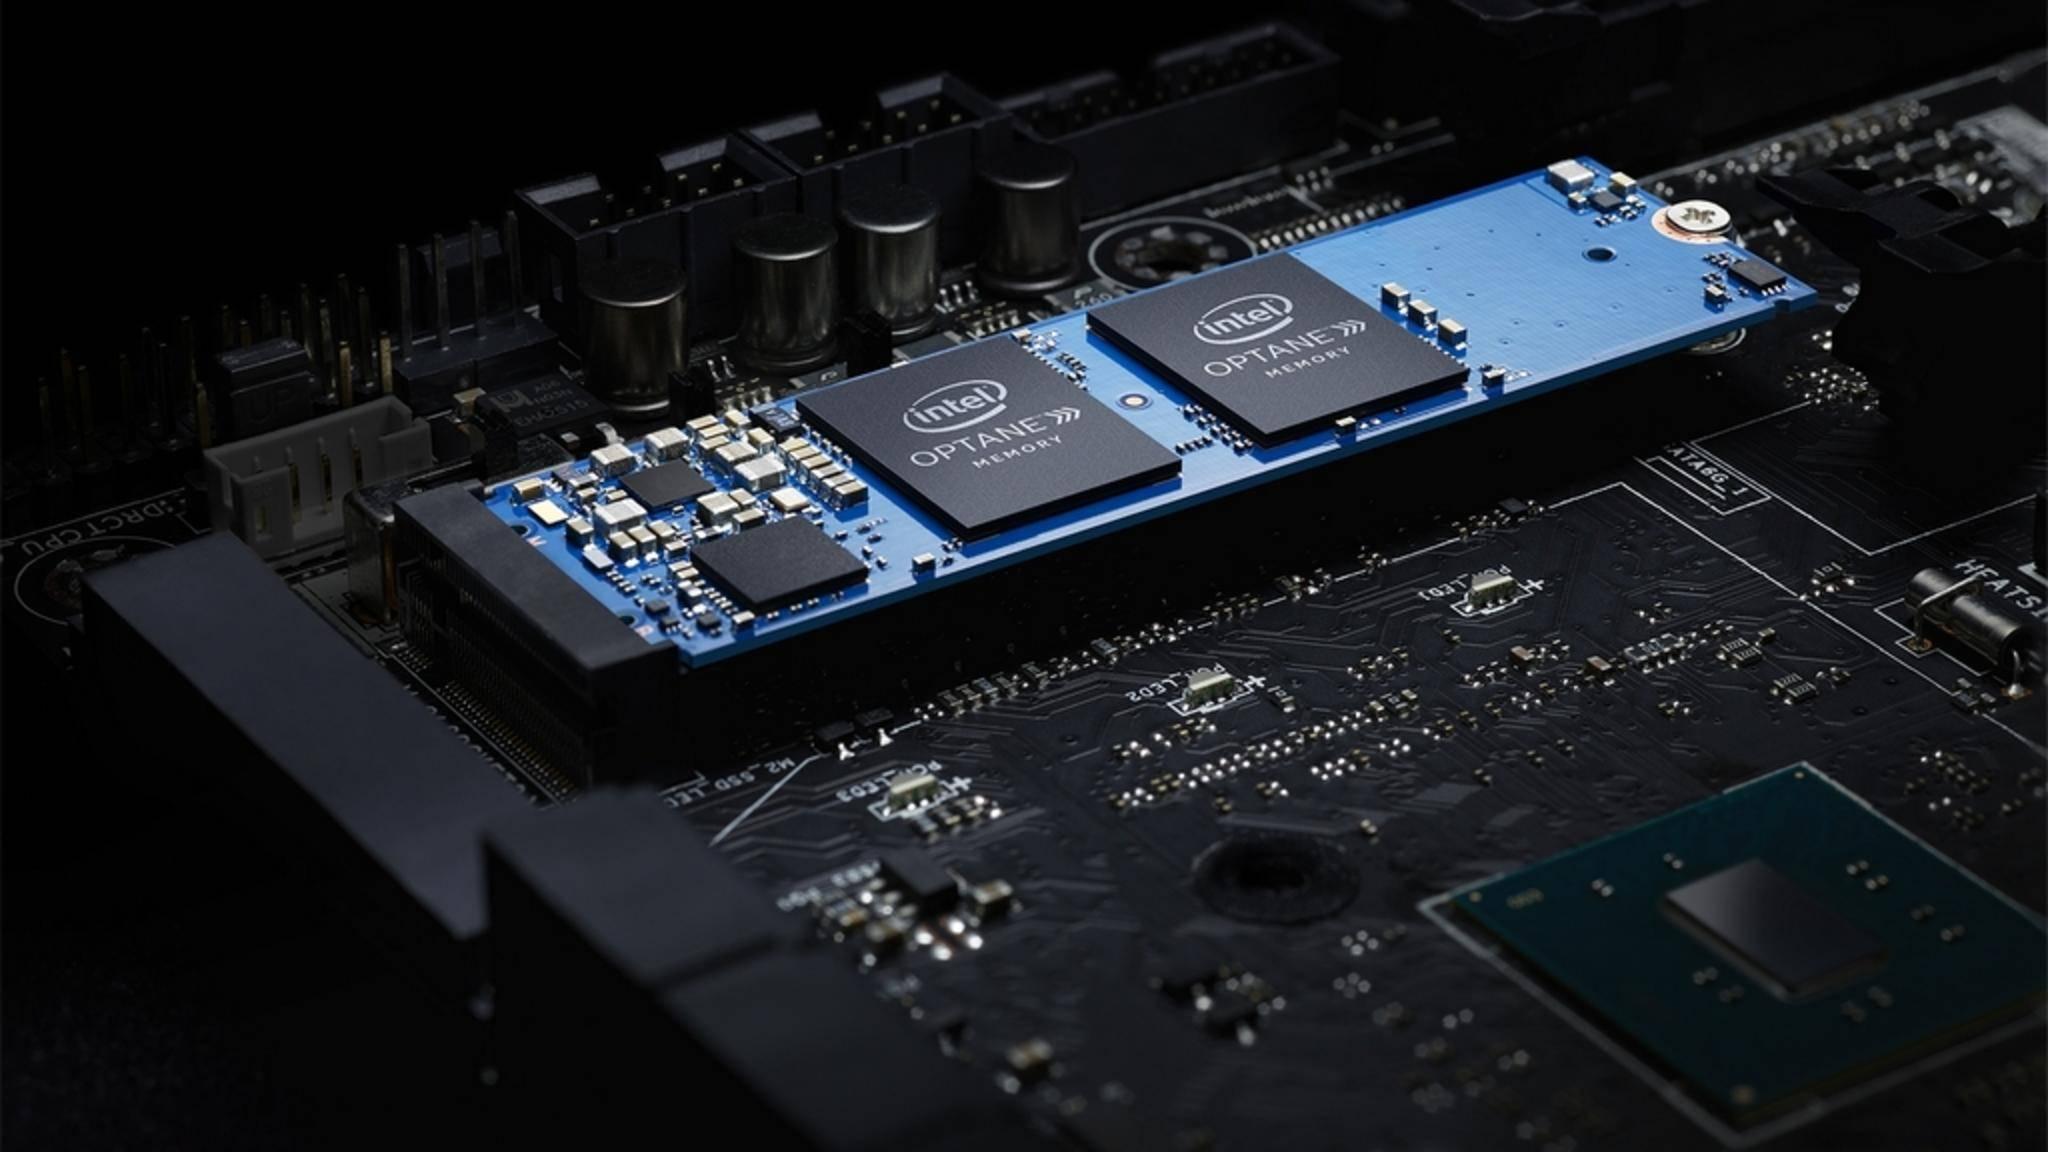 Intel-Optane-Speicher kommen in Form von M.2-Chips zum Einsatz.